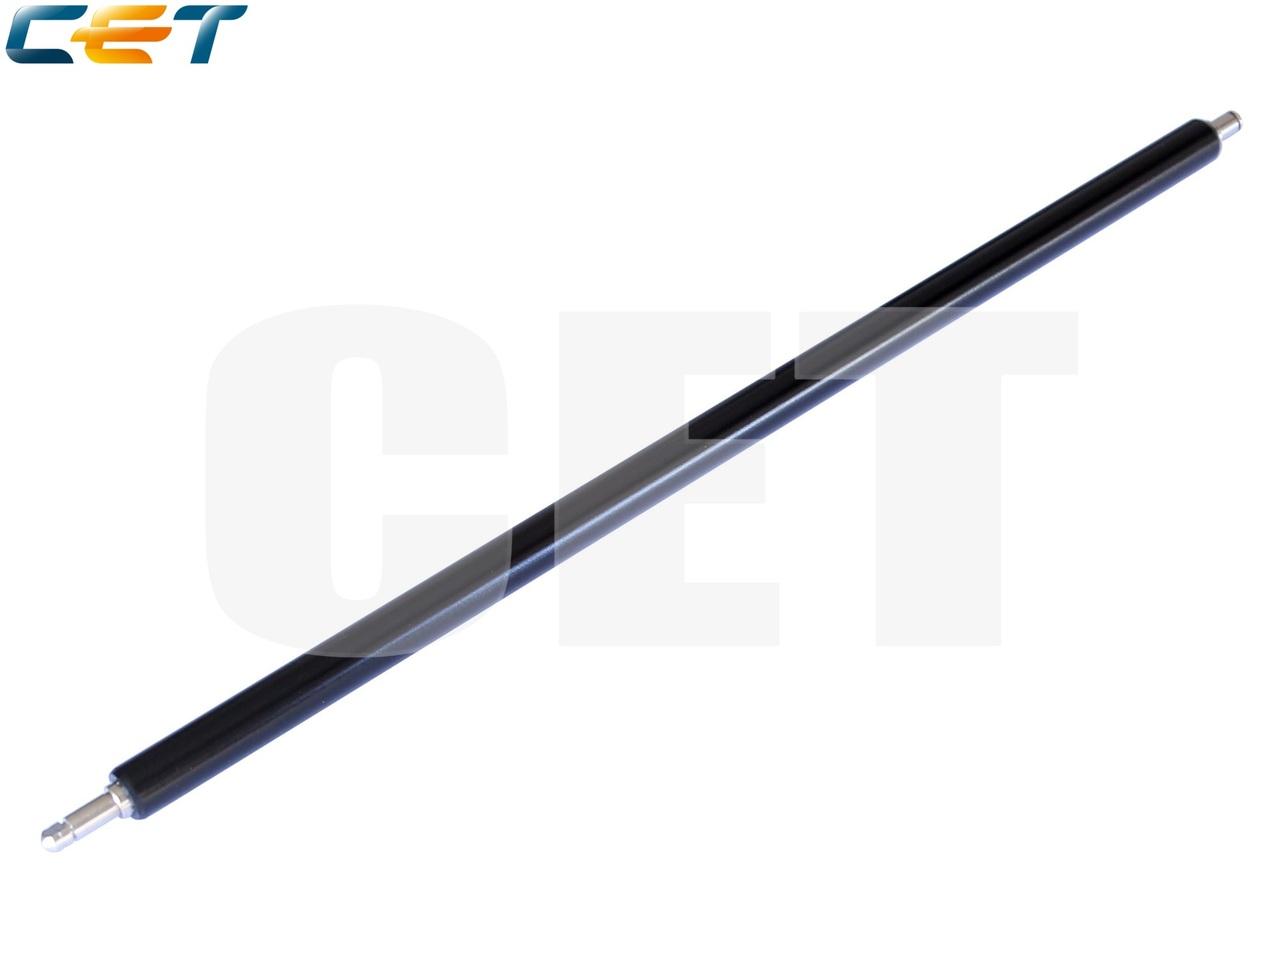 Ролик заряда для RICOH Aficio MPC2000/MPC2500/MPC3000(CET), CET6070